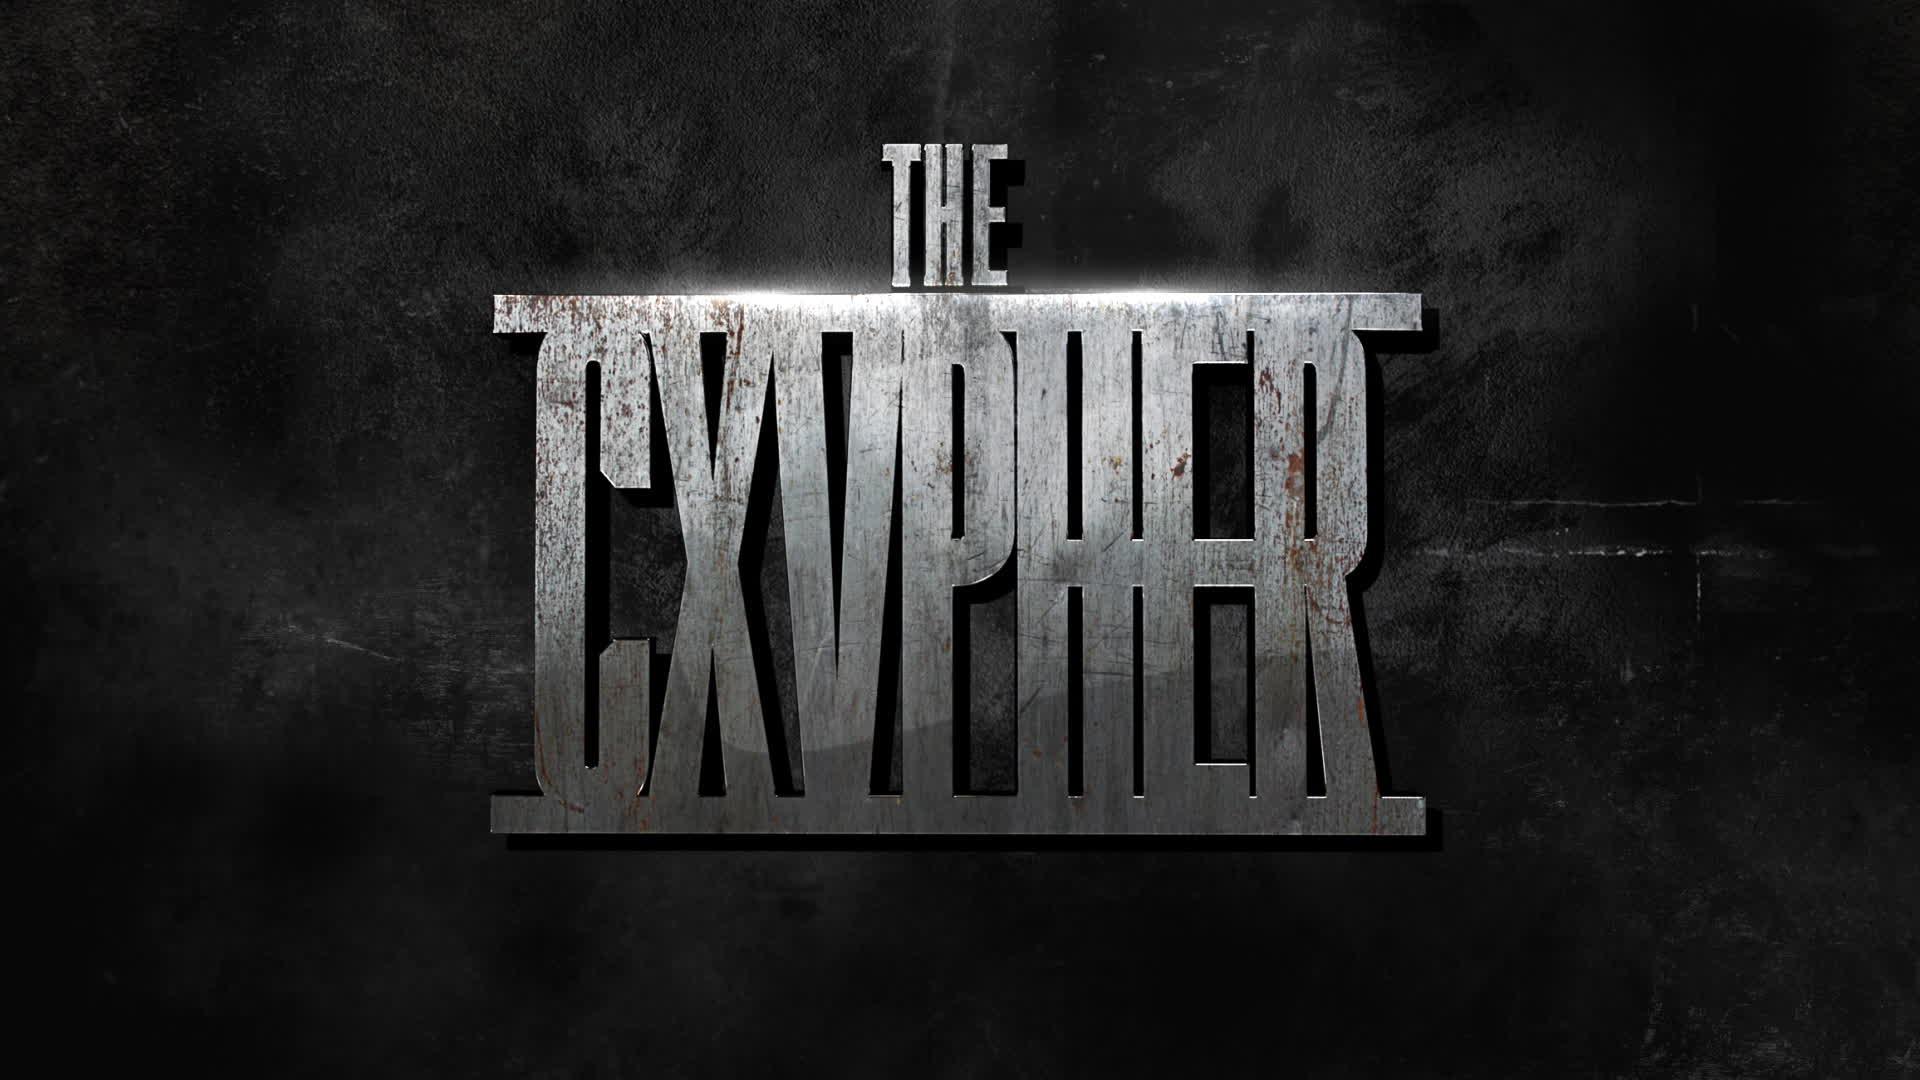 Eminem, SHADY CXVPHER